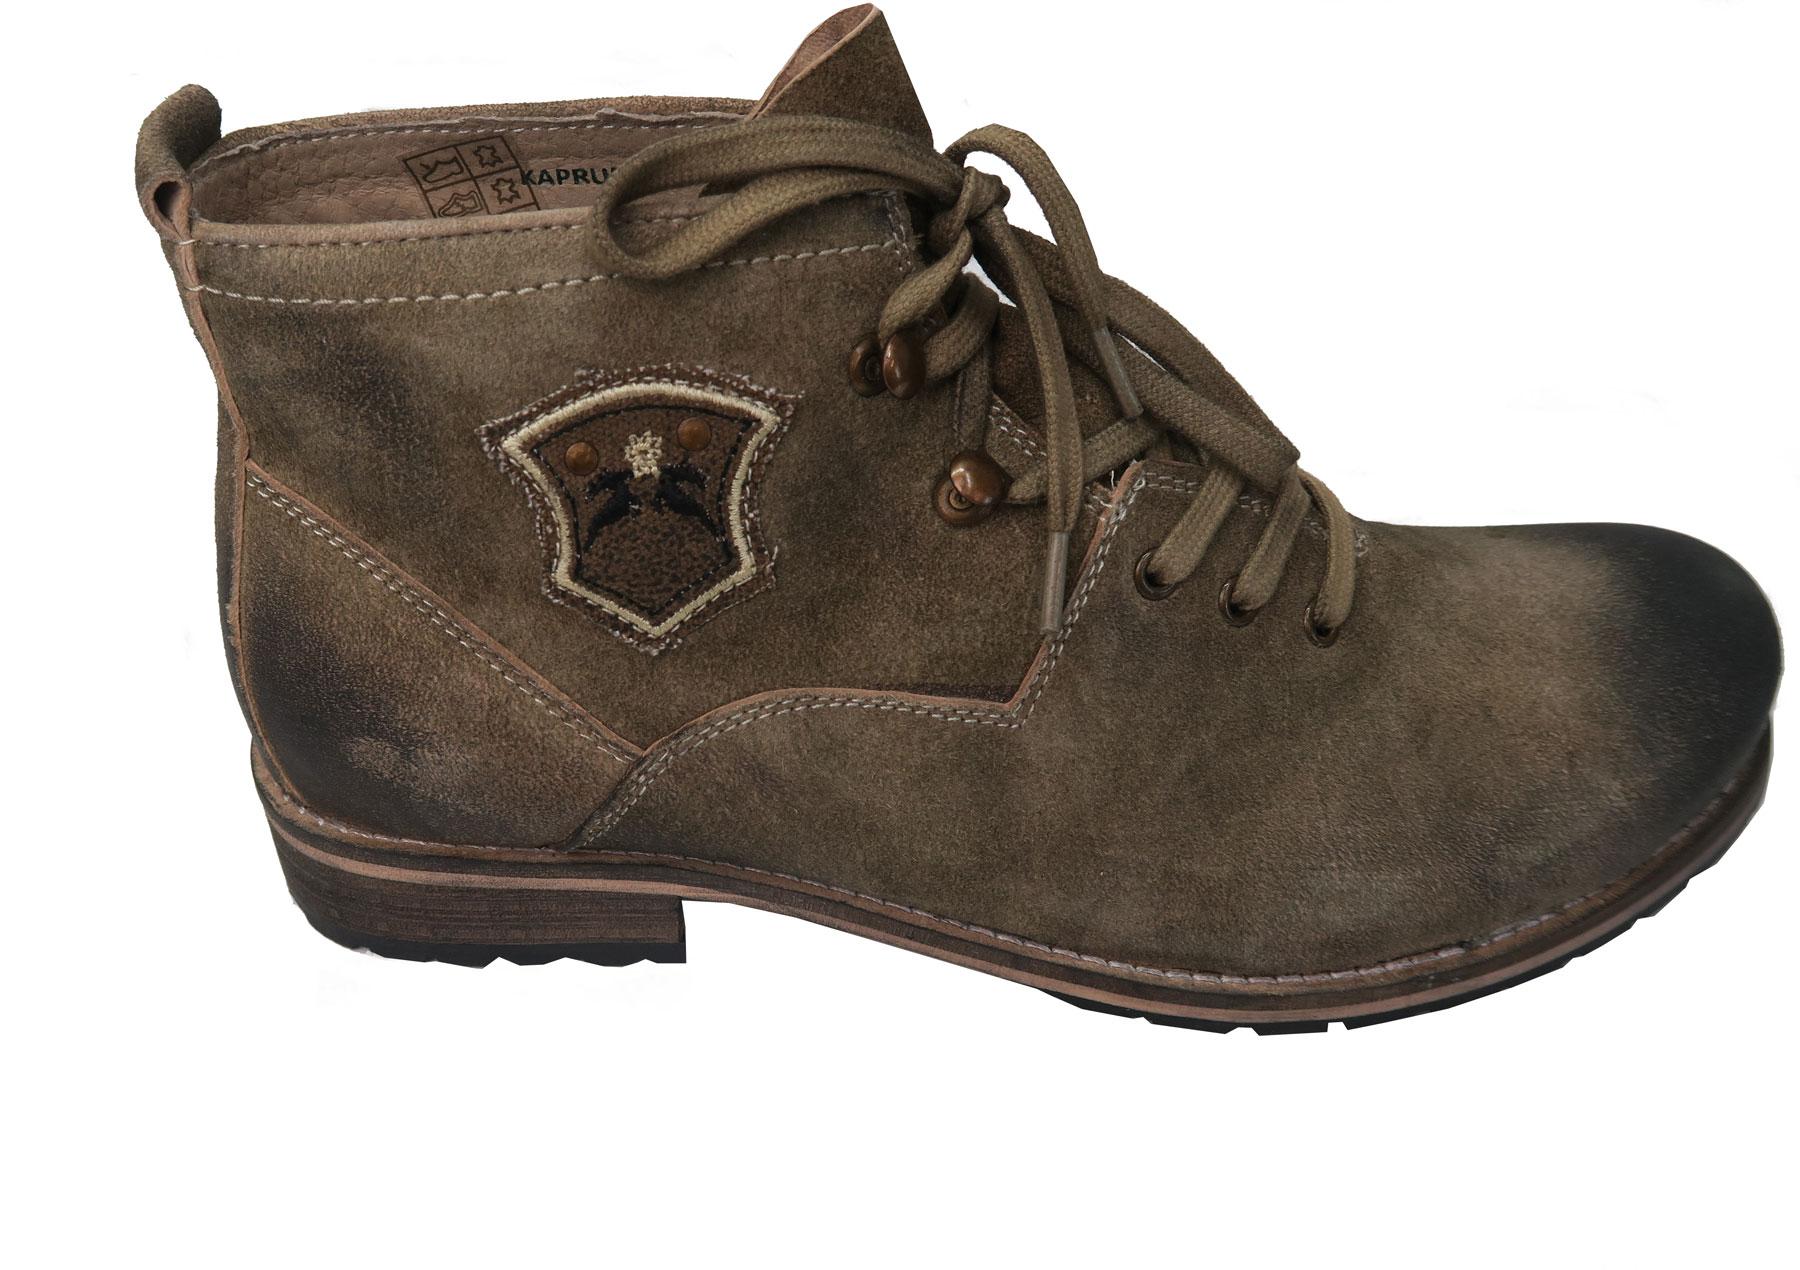 Maddox Trachtenstiefel Boots Kaprun sand urig